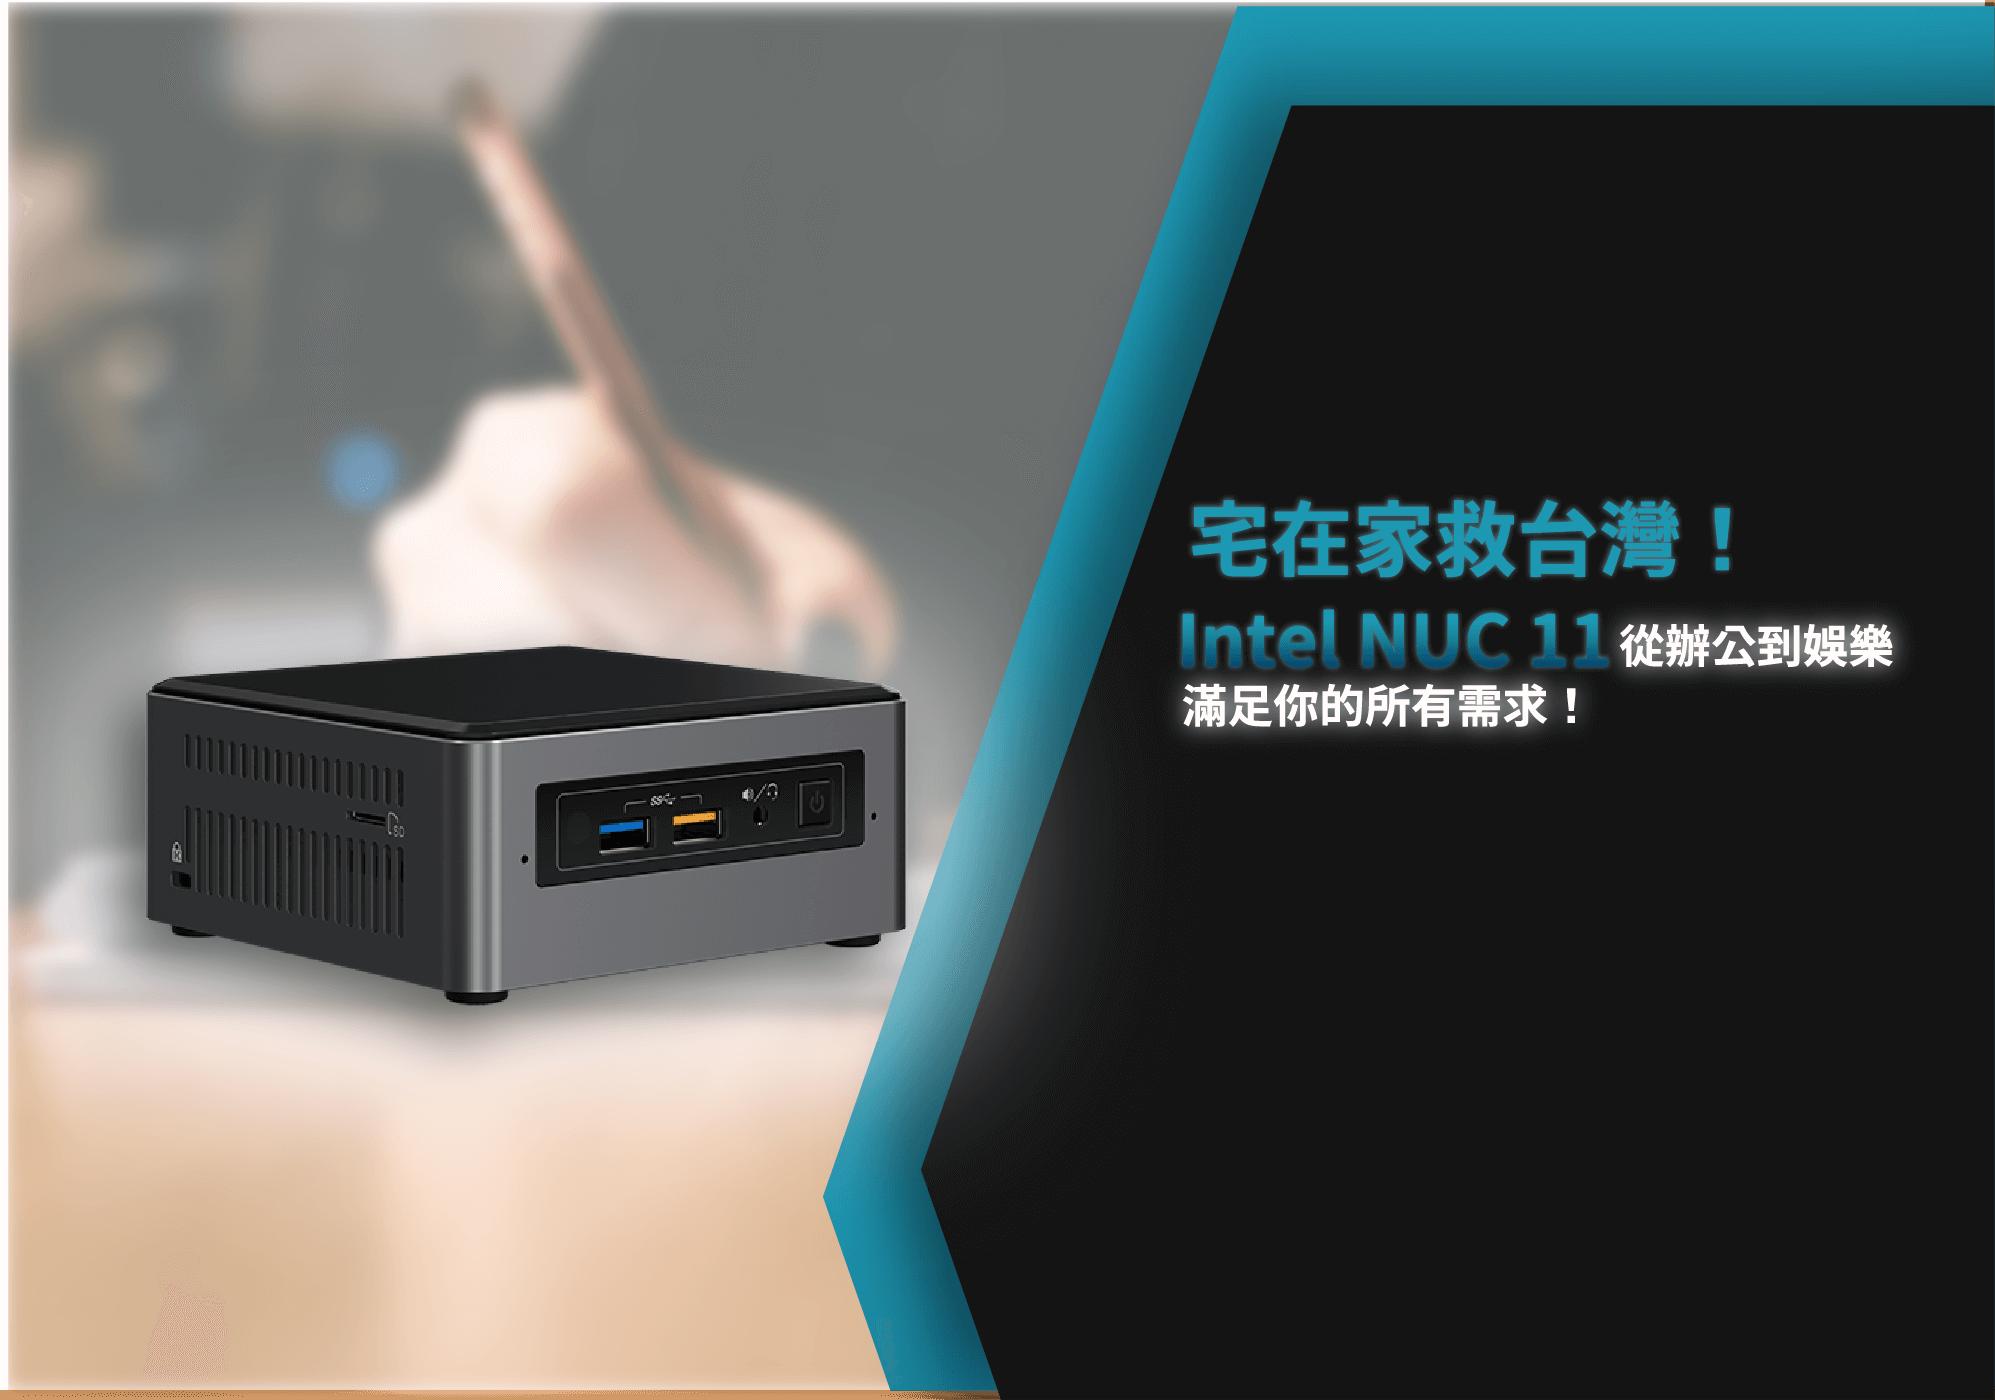 宅在家救台灣!Intel NUC 11從辦公到娛樂,滿足你的所有需求!